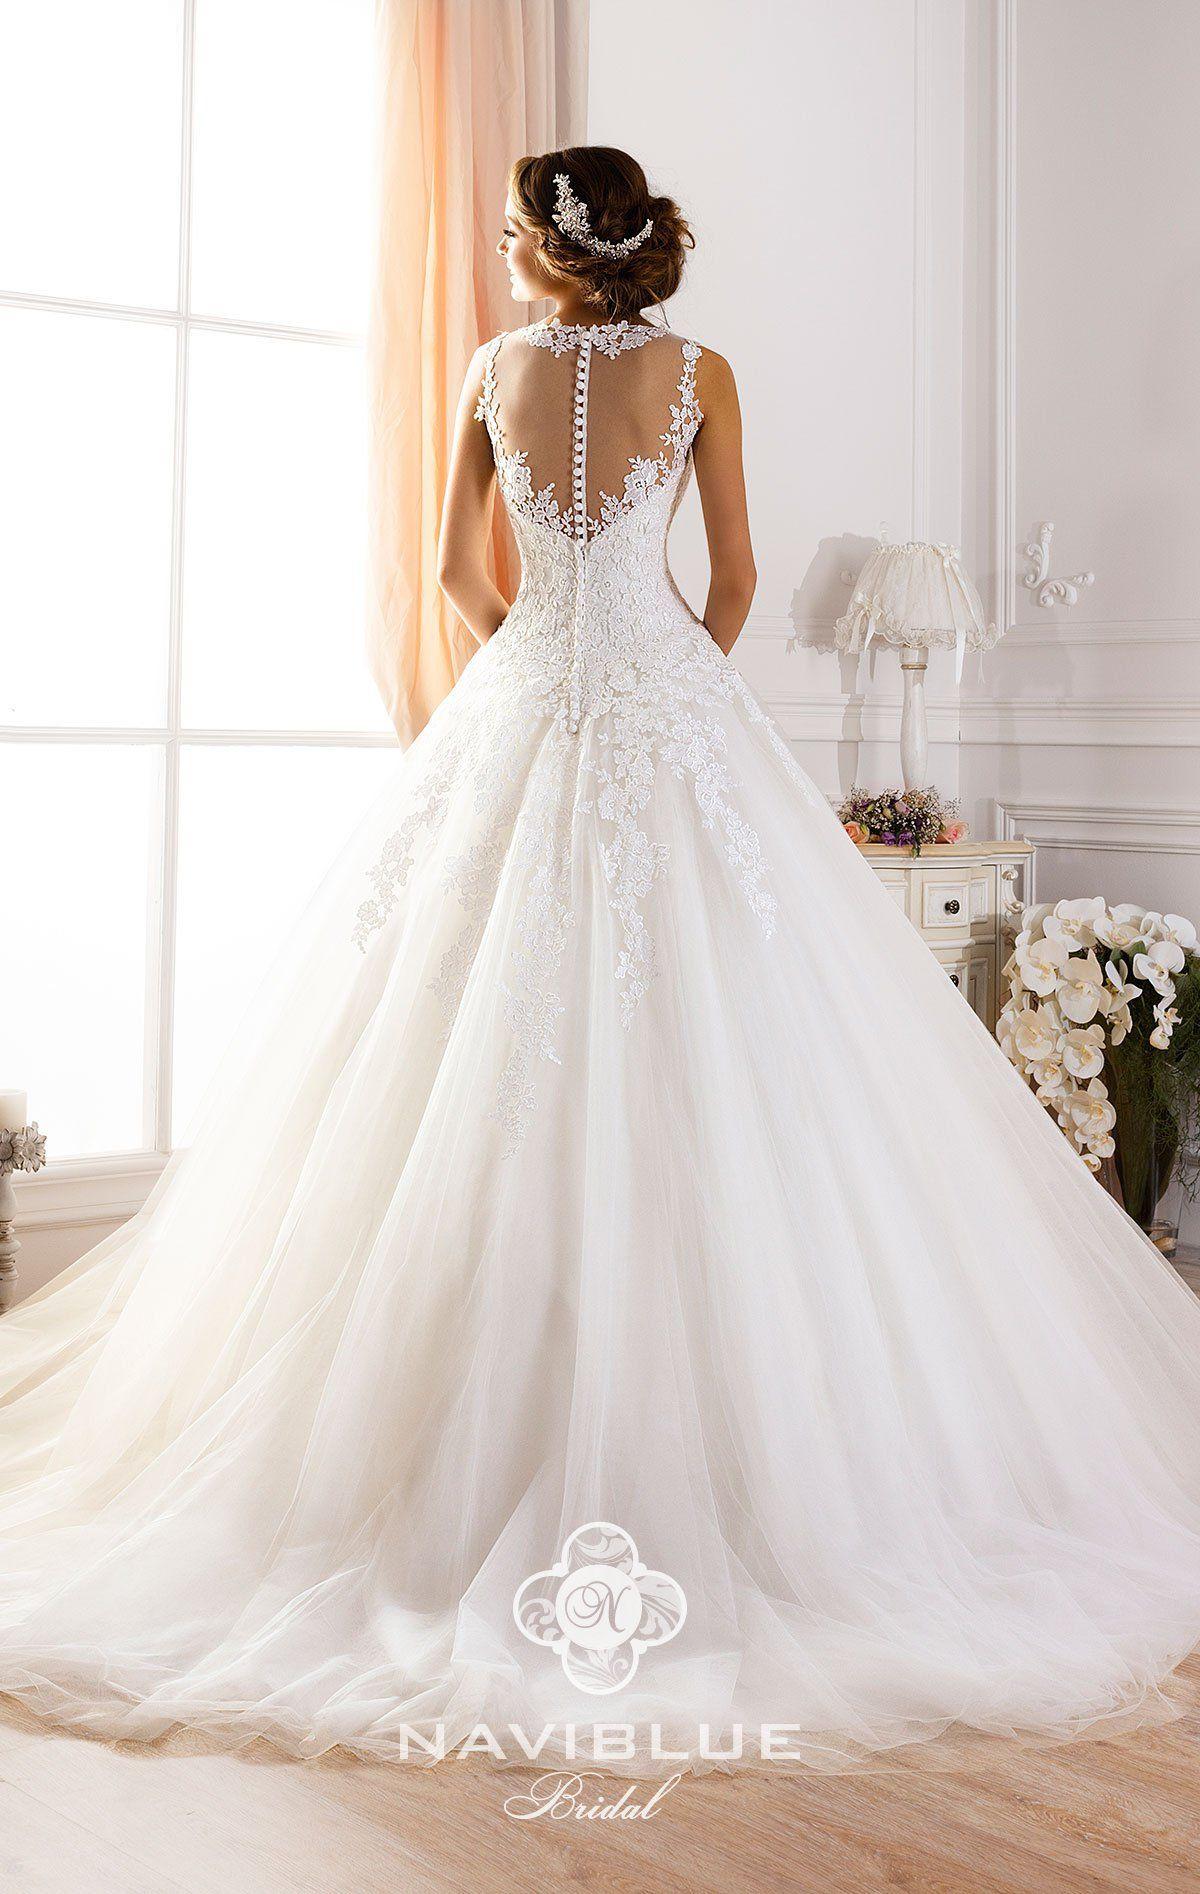 Свадебное платье с закрытым верхом Navi Blue 13097.   www.rosablanca.ru